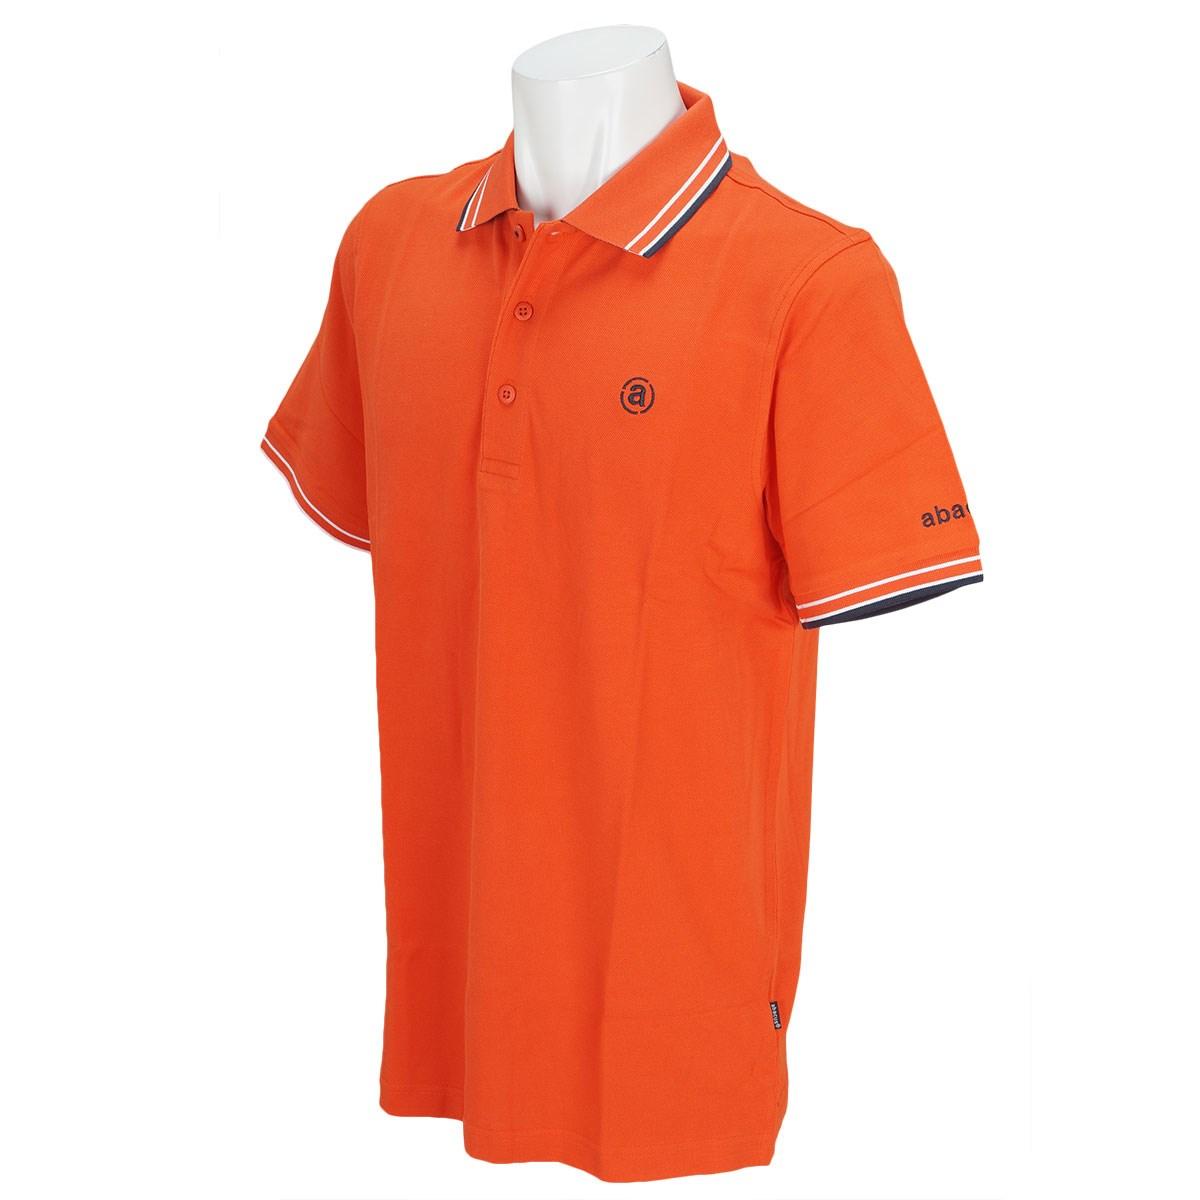 アバカス 半袖ポロシャツ